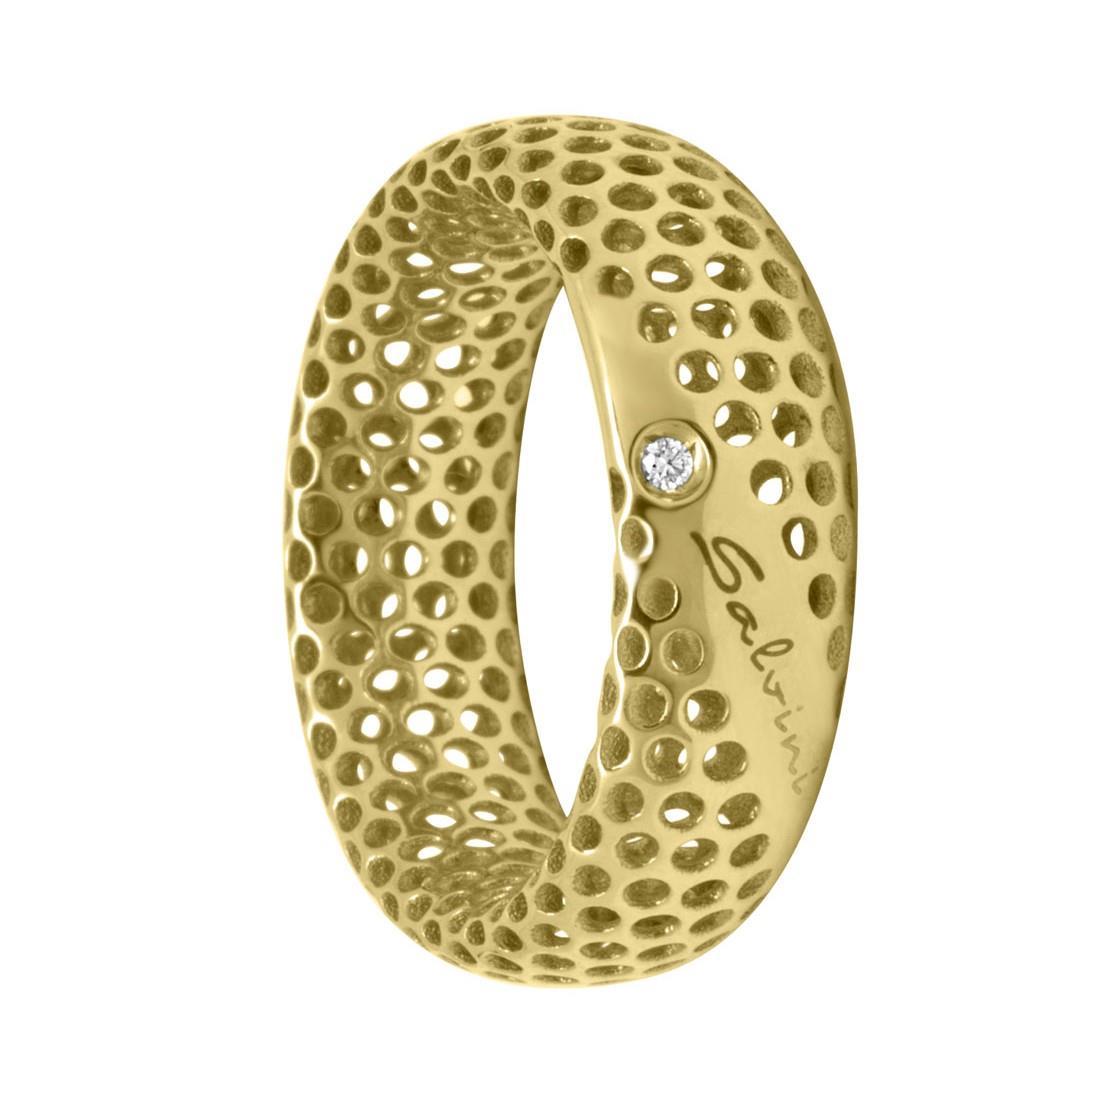 Anello in oro giallo 9 kt e diamante ct 0.01, misura 14 - SALVINI